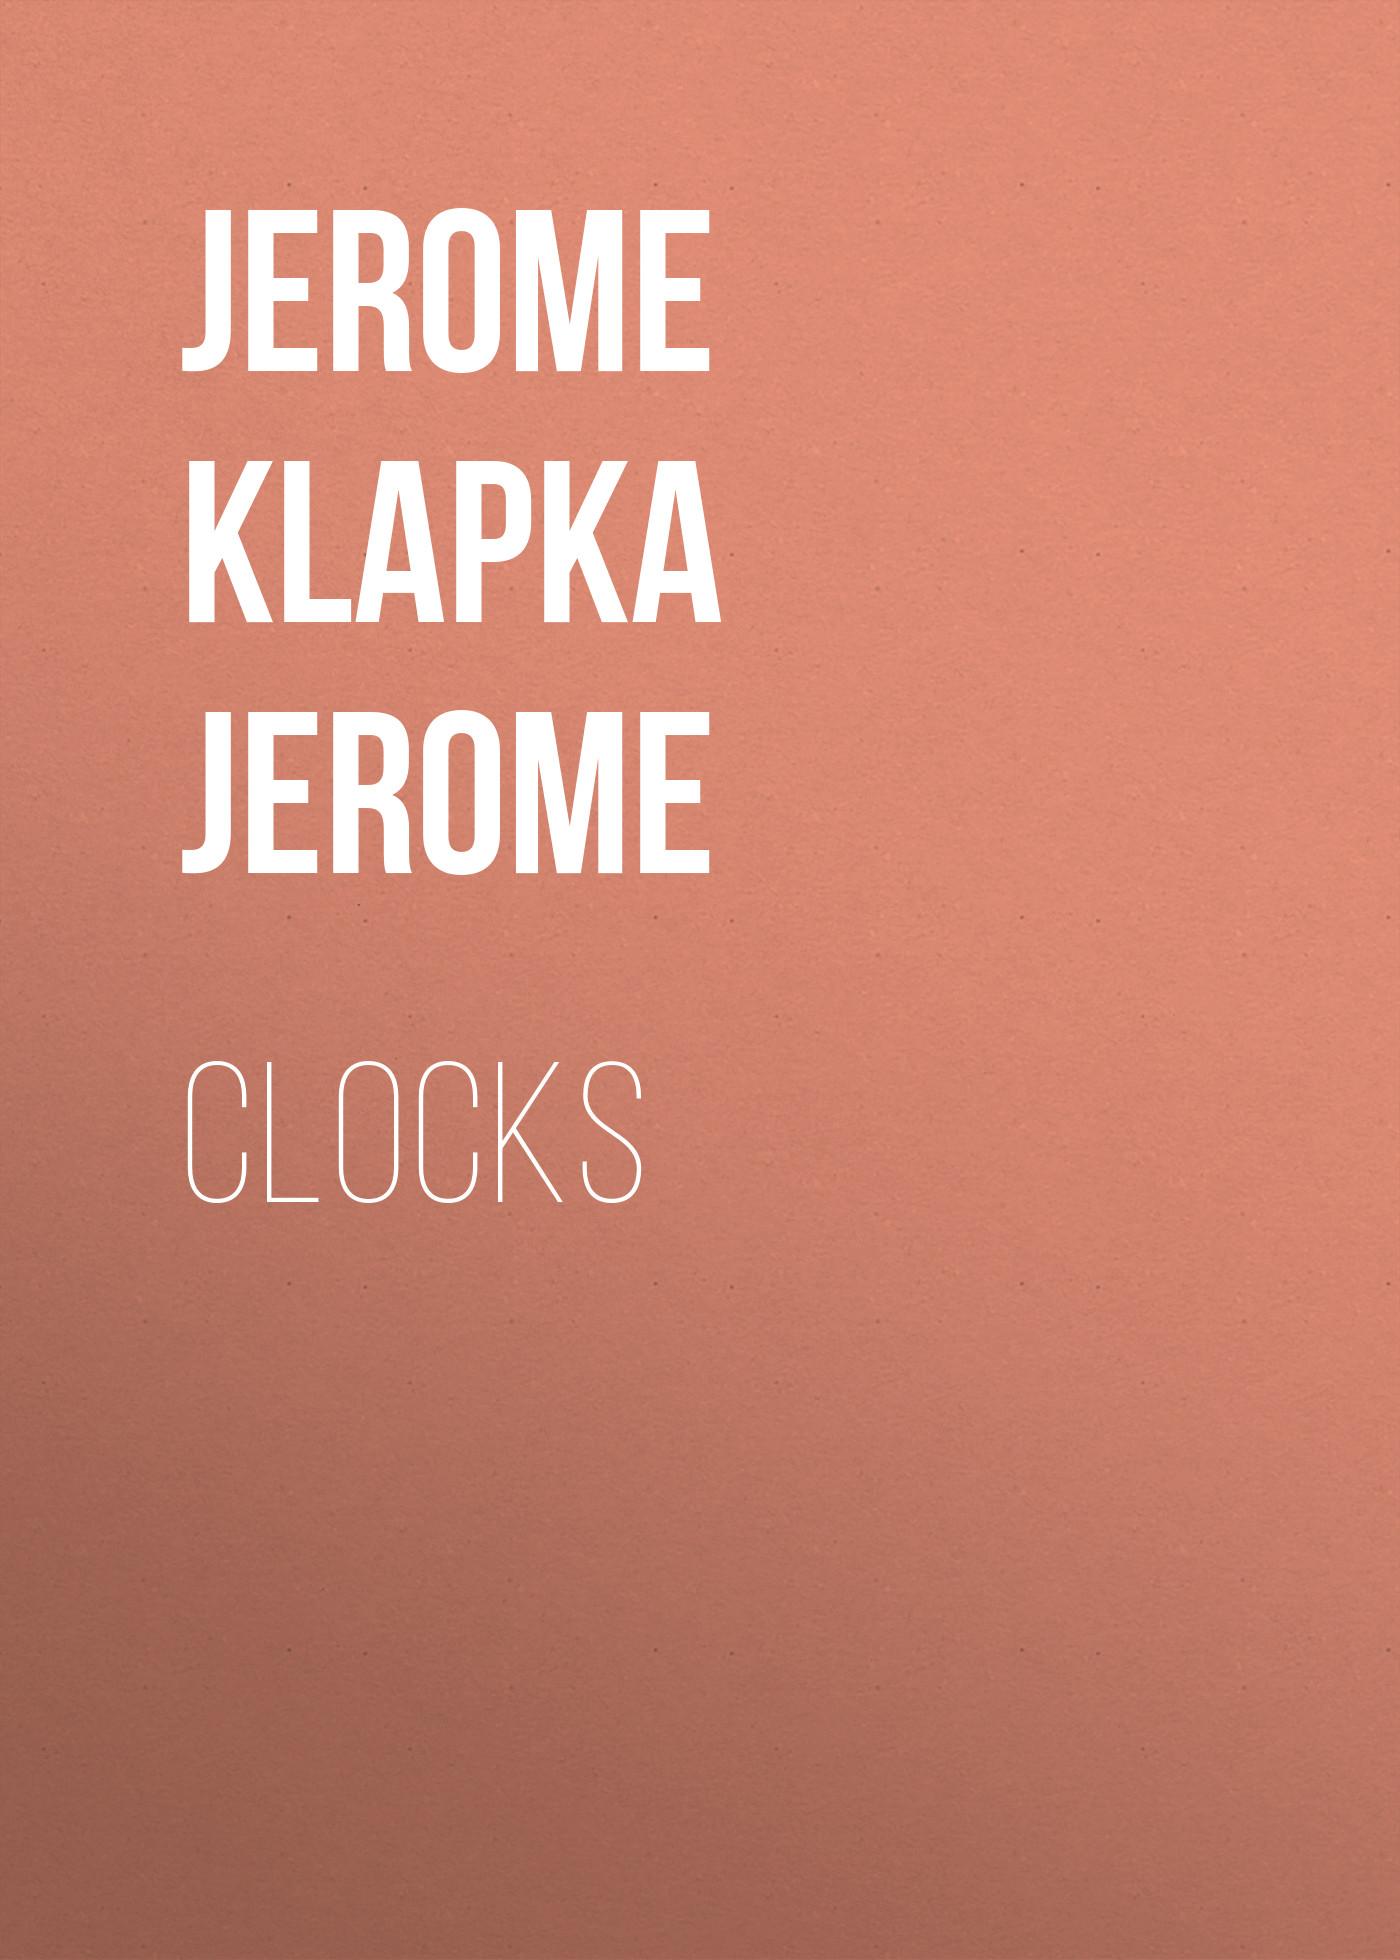 Джером Клапка Джером Clocks будильник fb alarm clocks dawdler relogio despertador digital alarm clocks